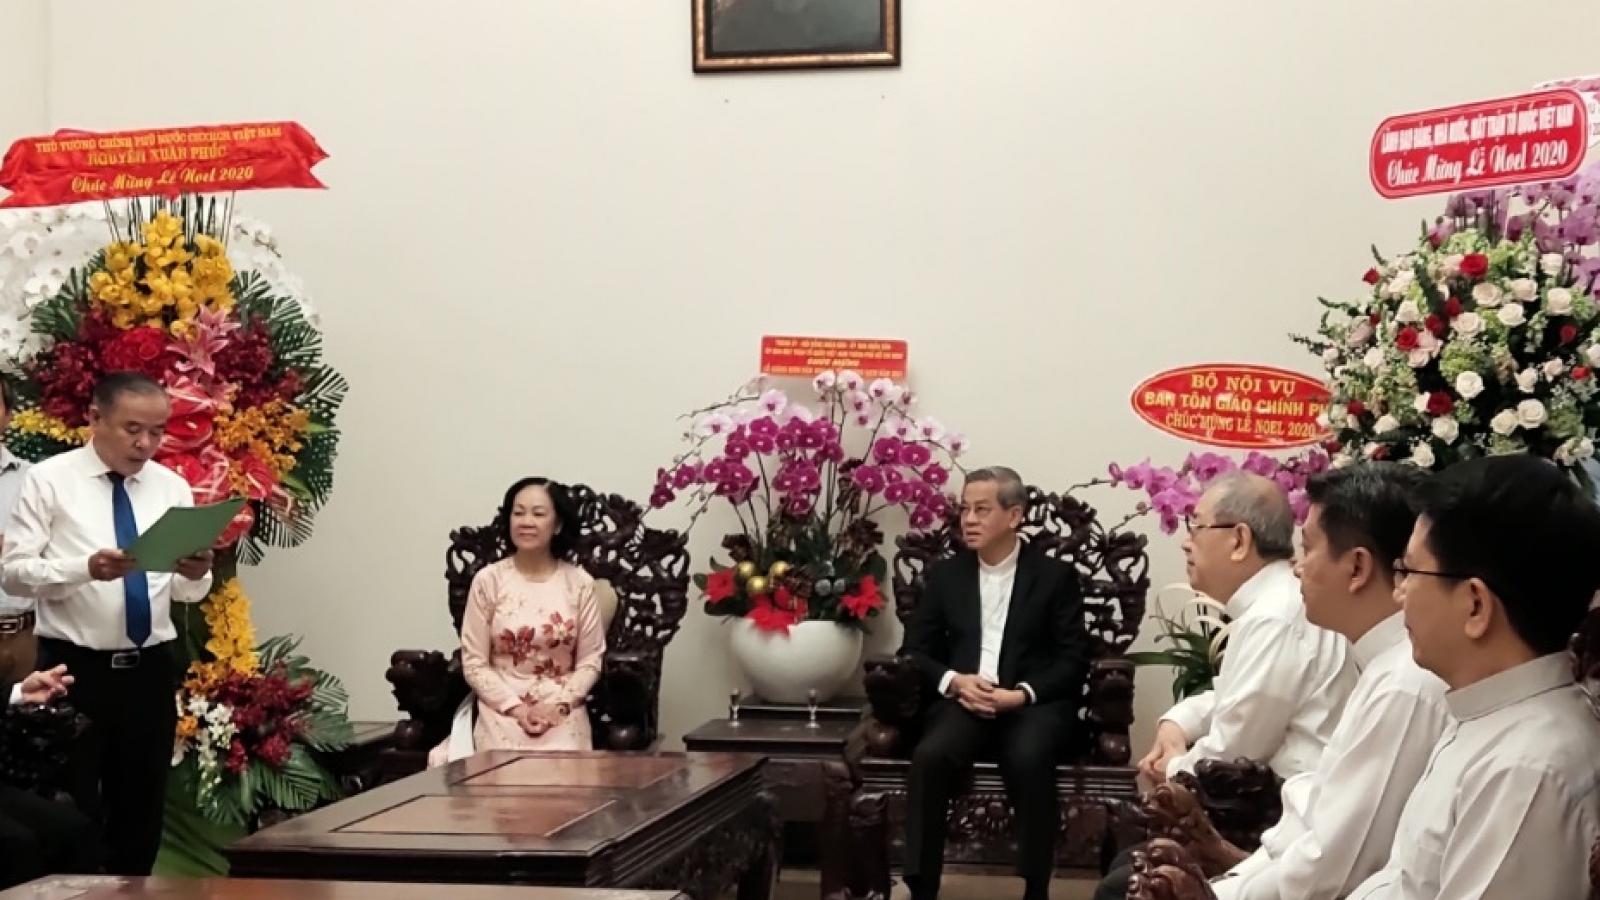 Trưởng ban Dân vận Trung ương chúc mừng Lễ Giáng sinh tại TPHCM, Đồng Nai